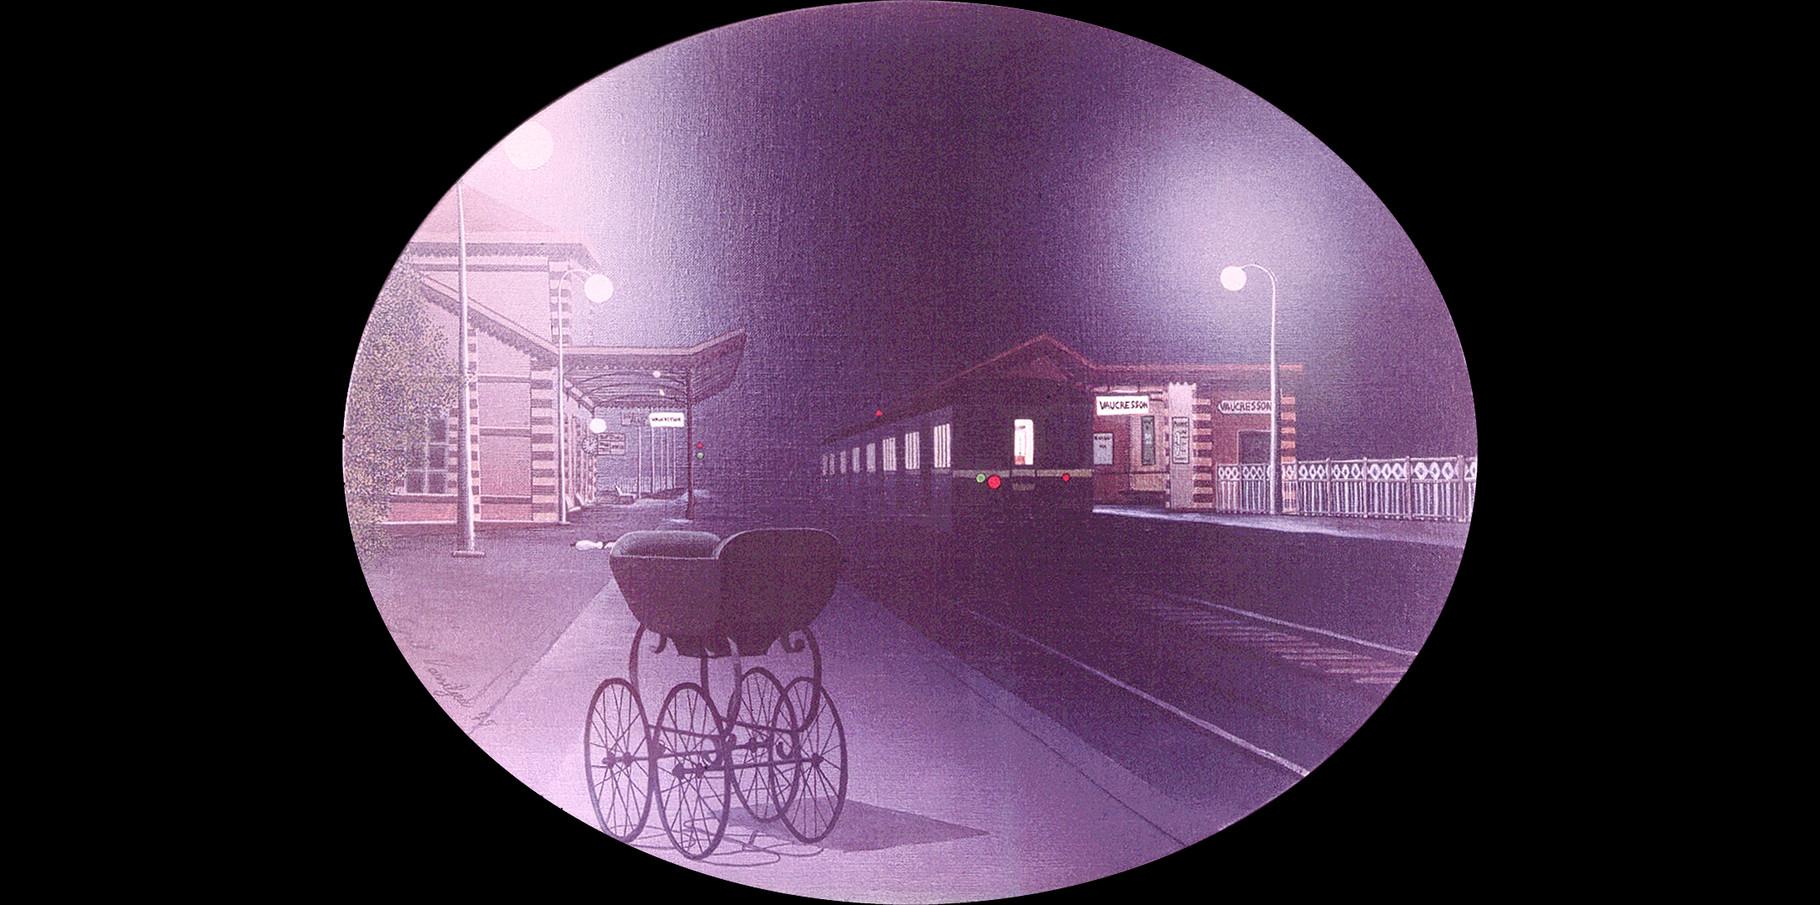 Gare de Vaucresson